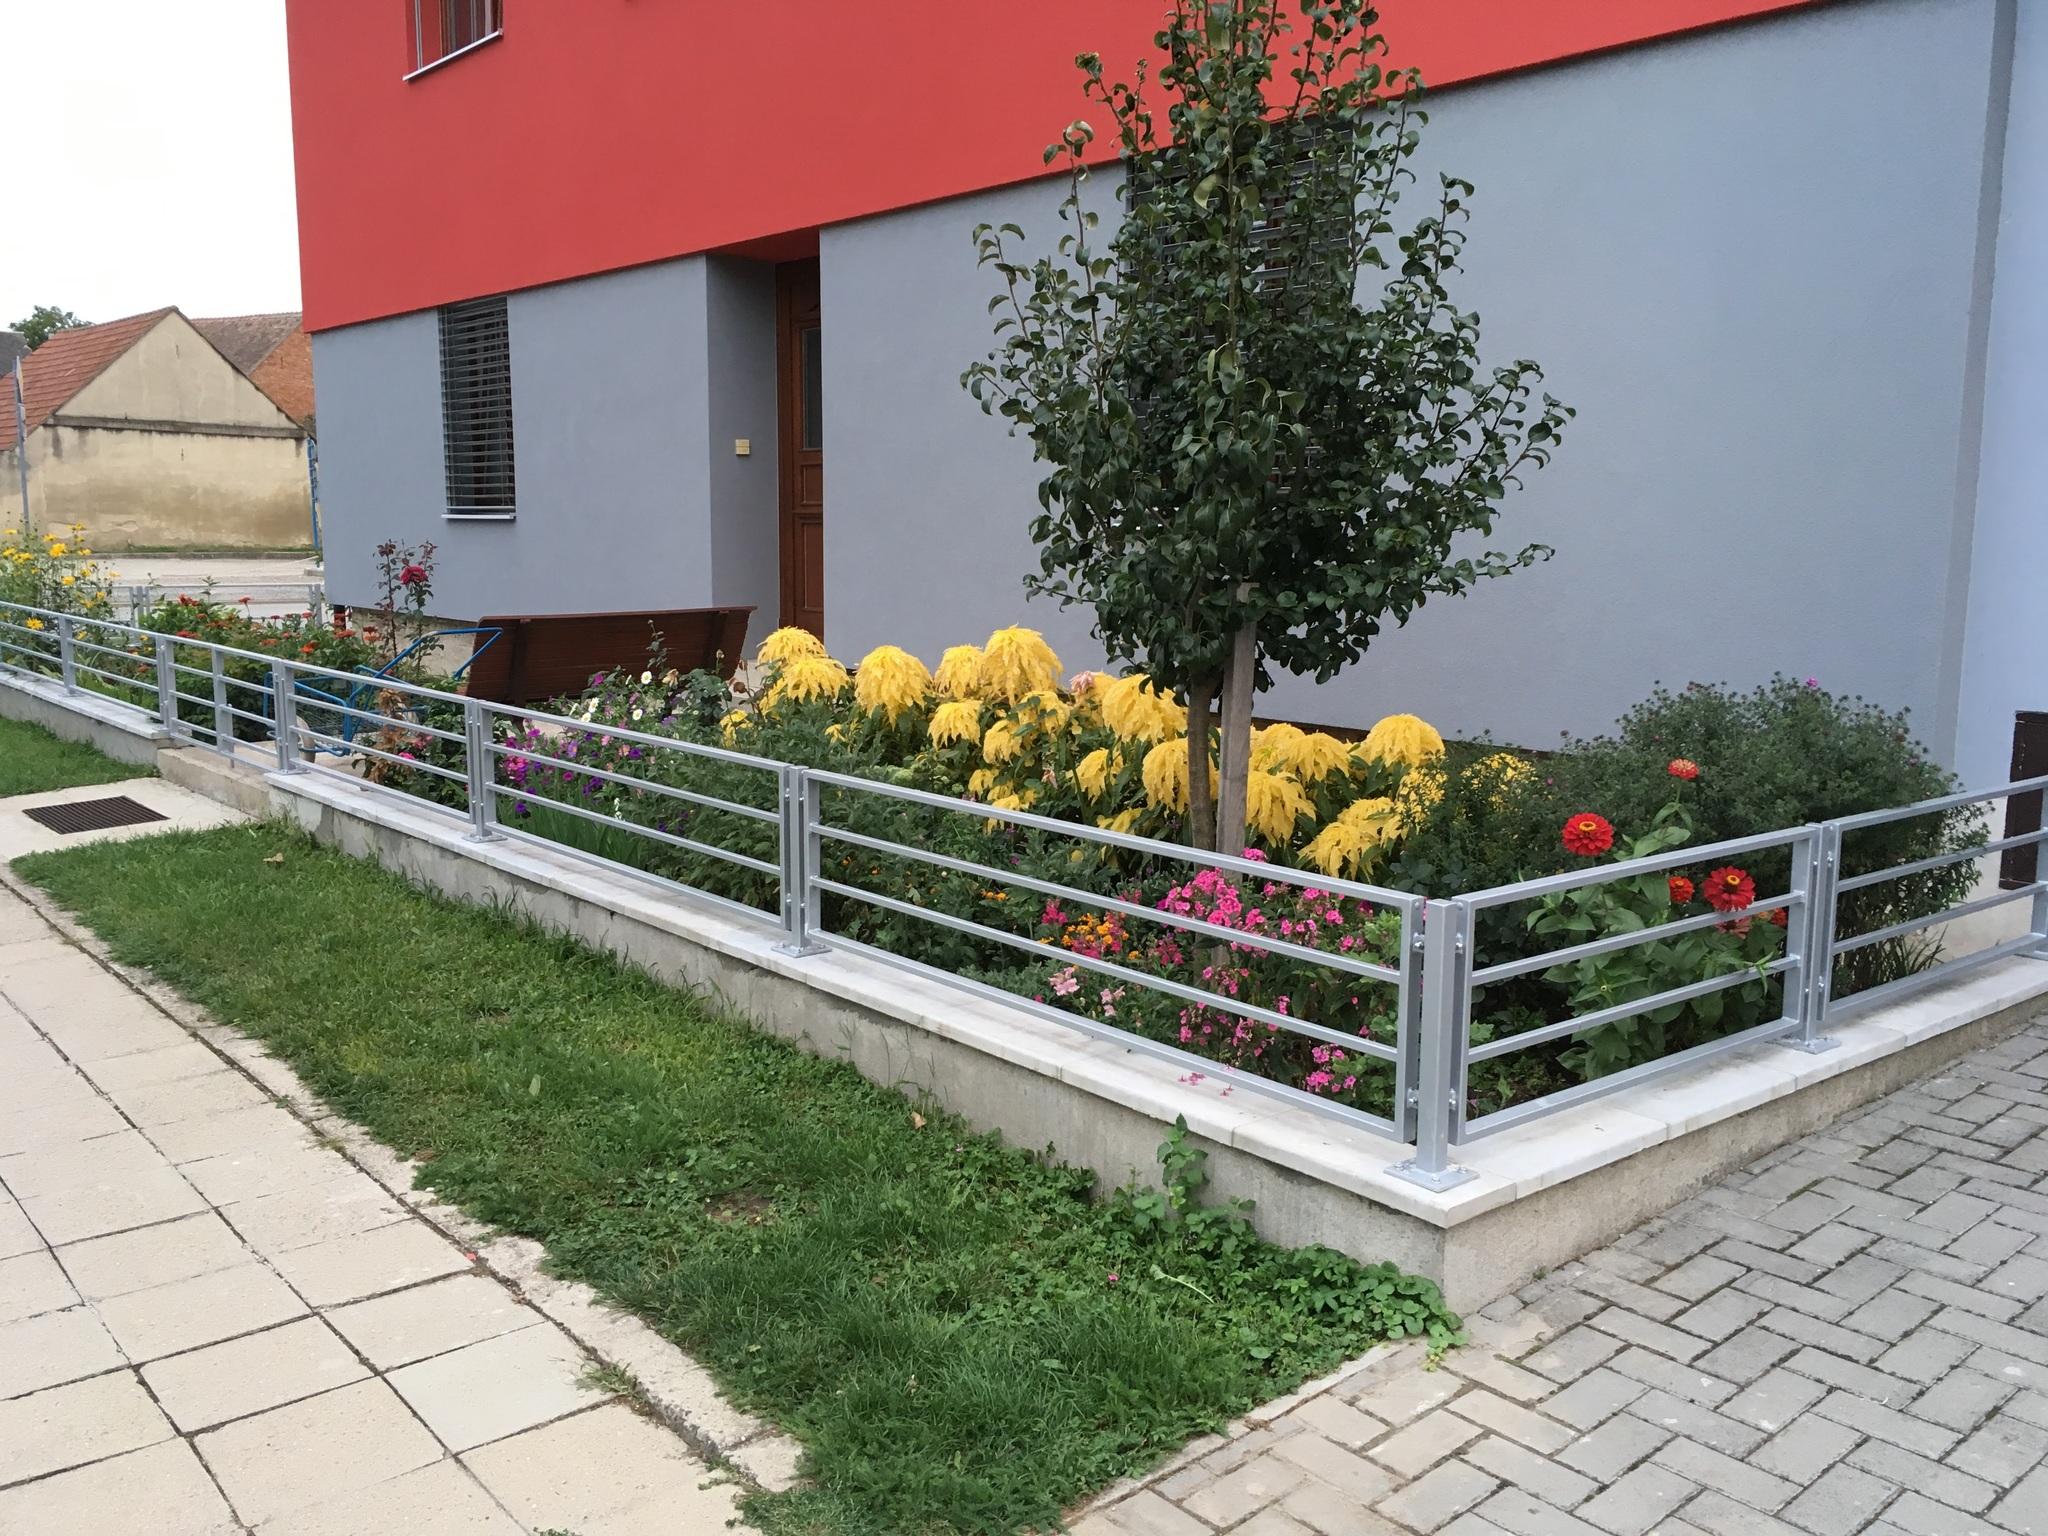 Zaunfelder und Tor, Zink und Farbe